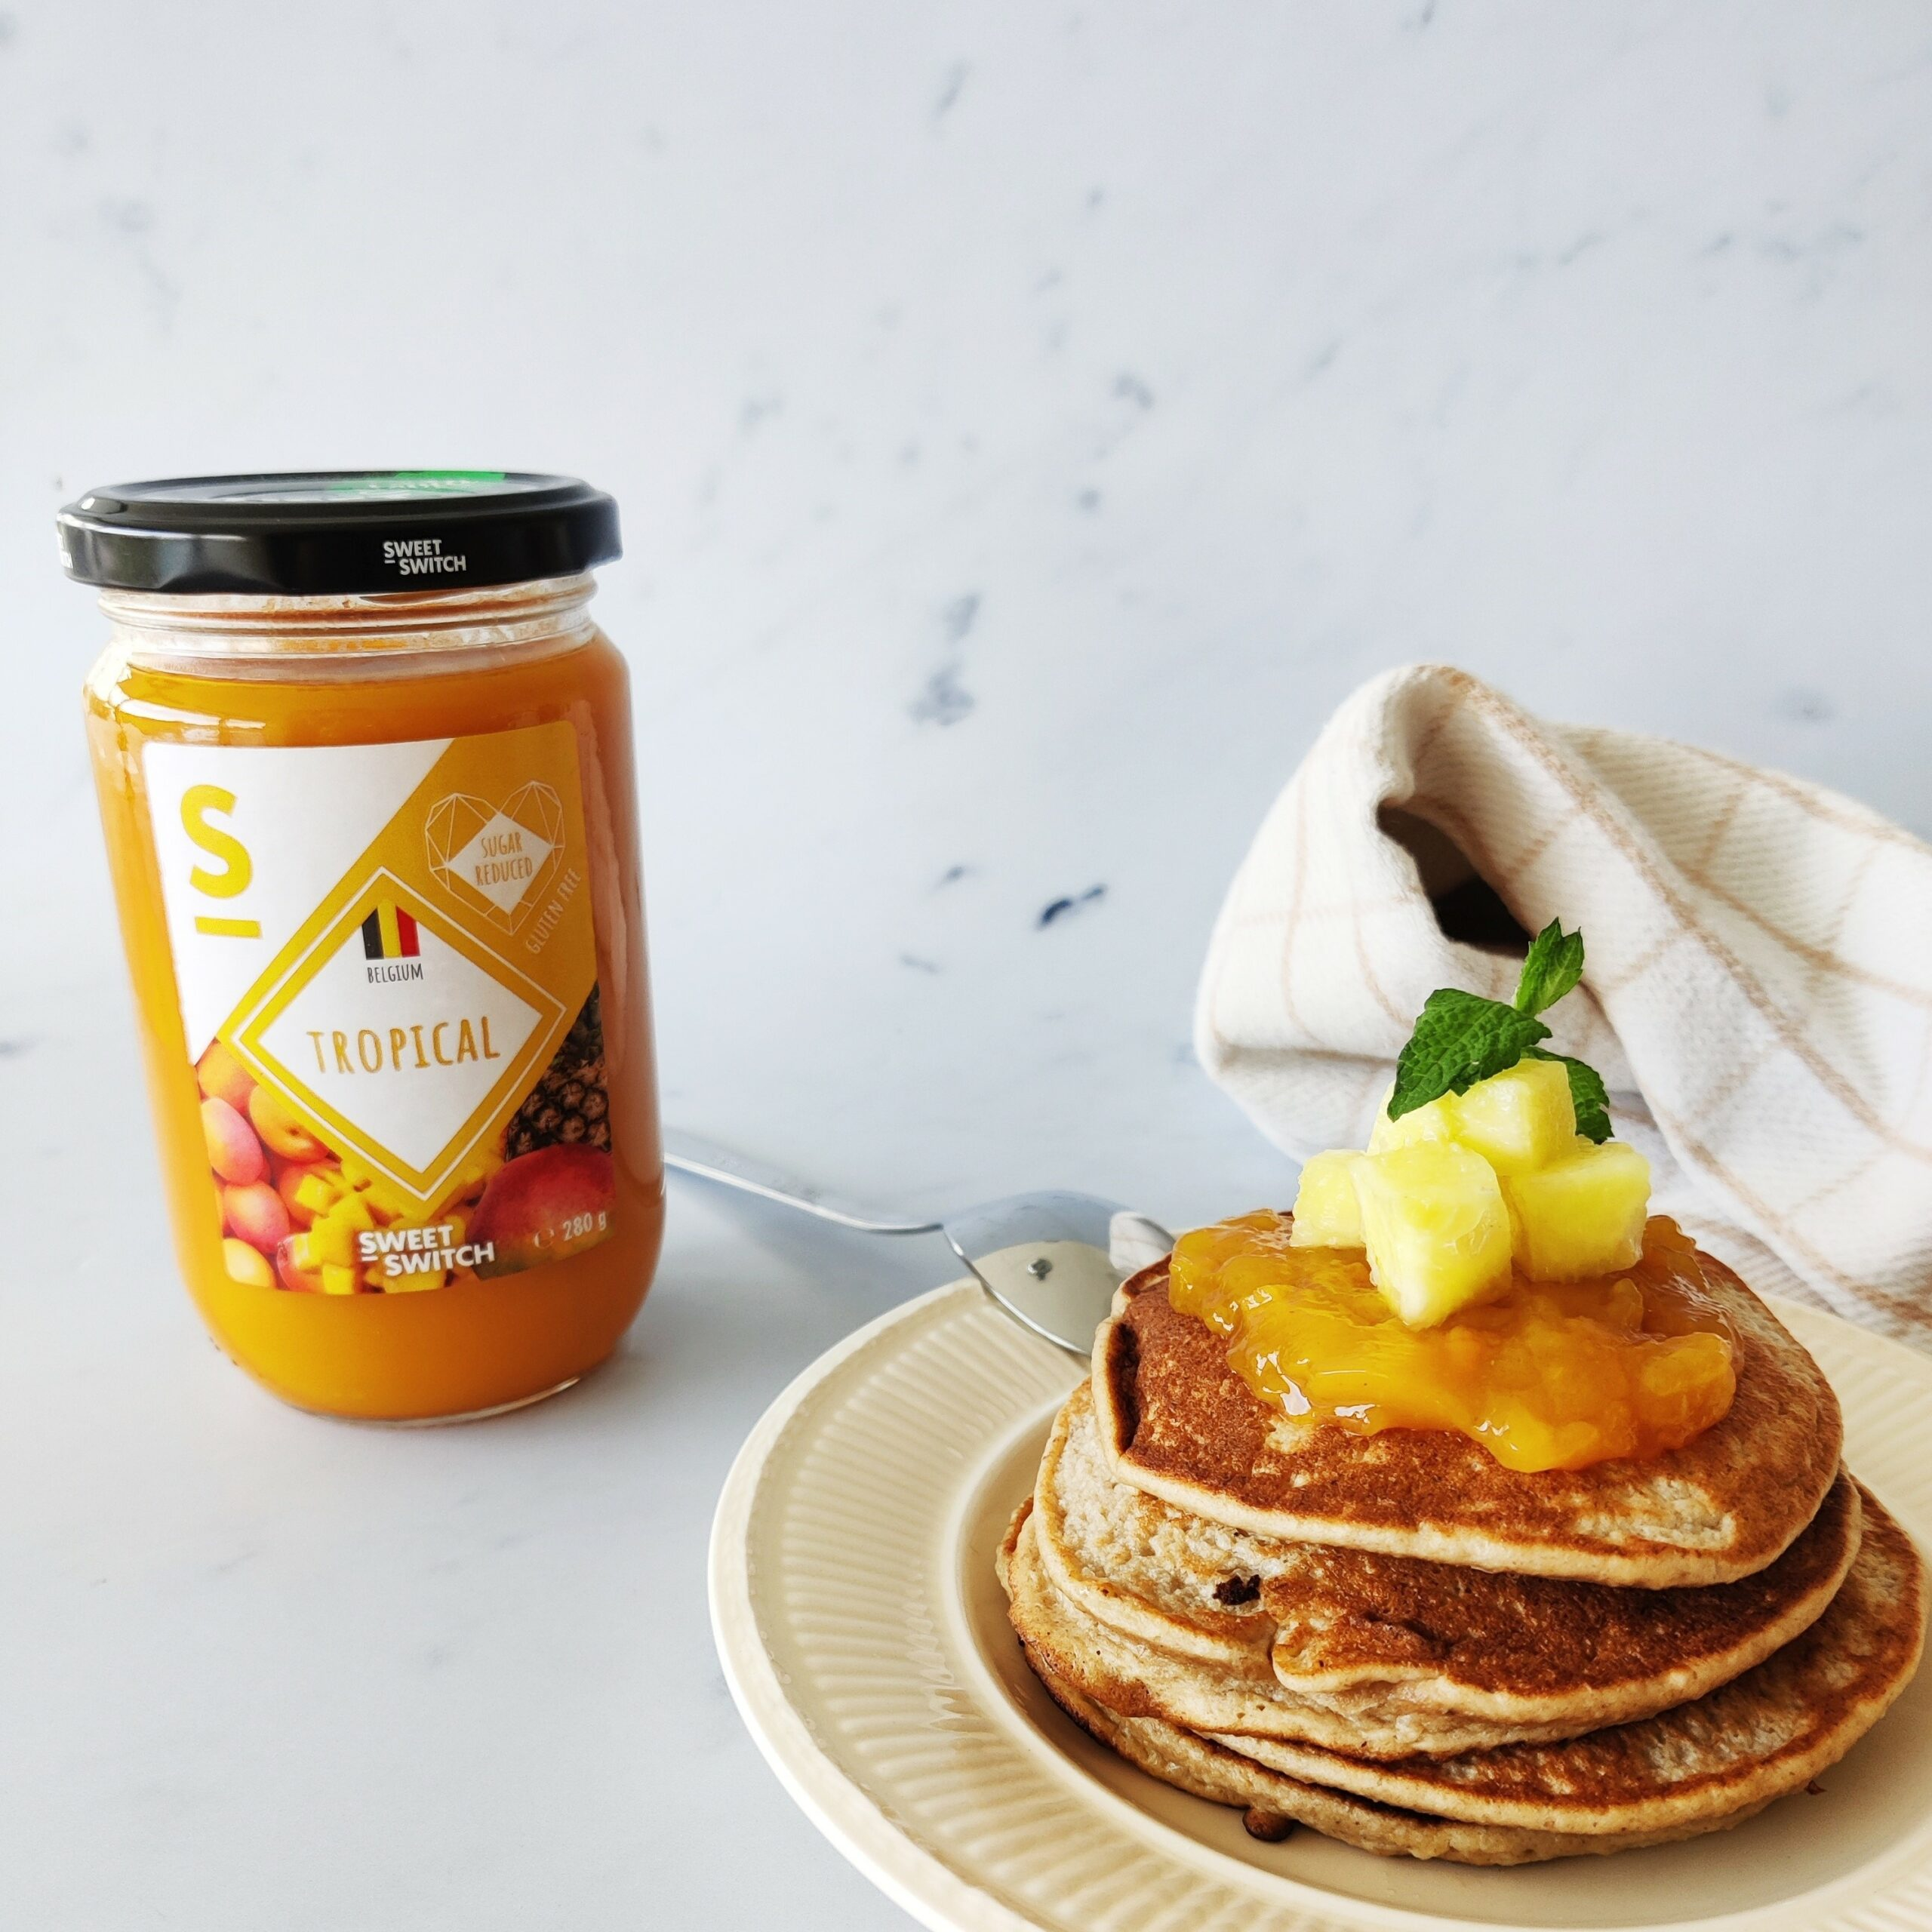 recepten & zoete nieuwtjes Banaan & Havermout pannenkoeken + Tropical Fruit Spread SWEET-SWITCH